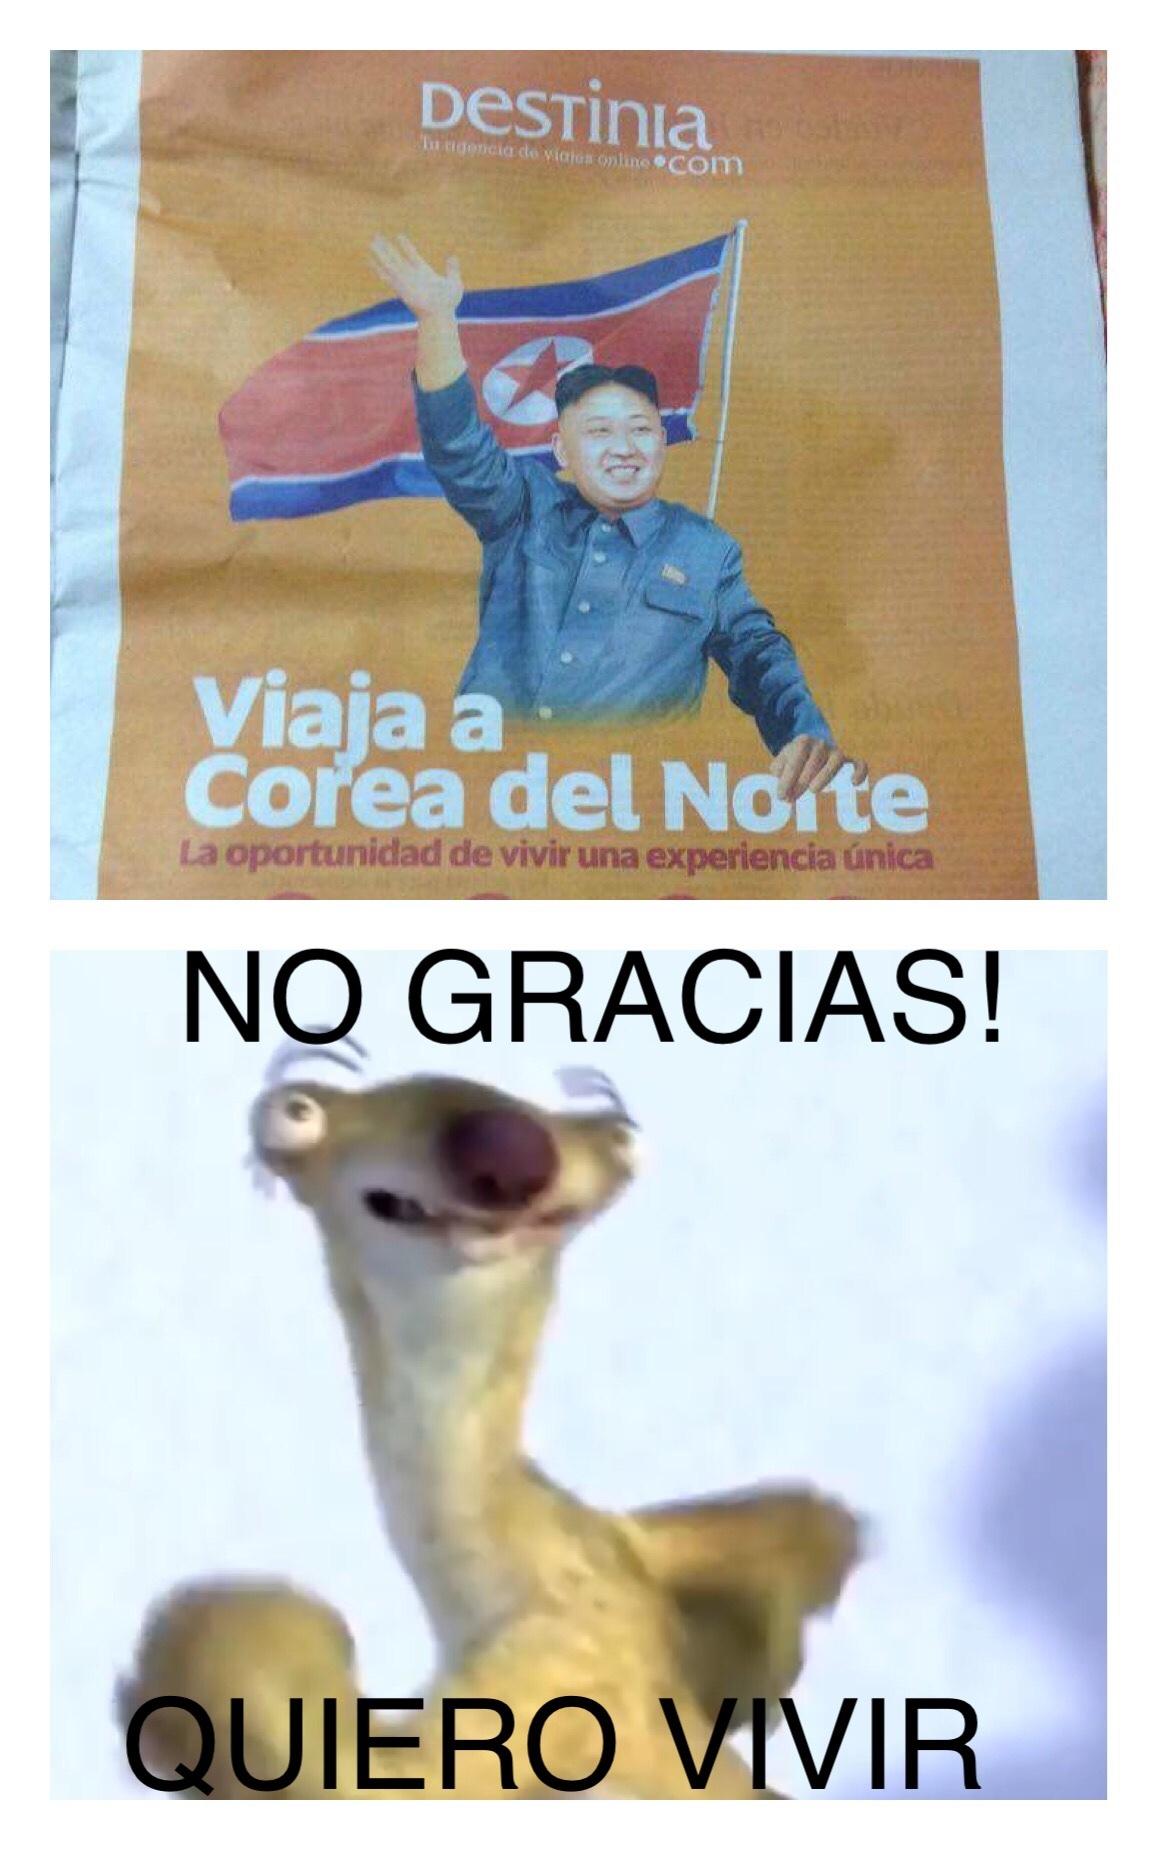 no gracias! - meme